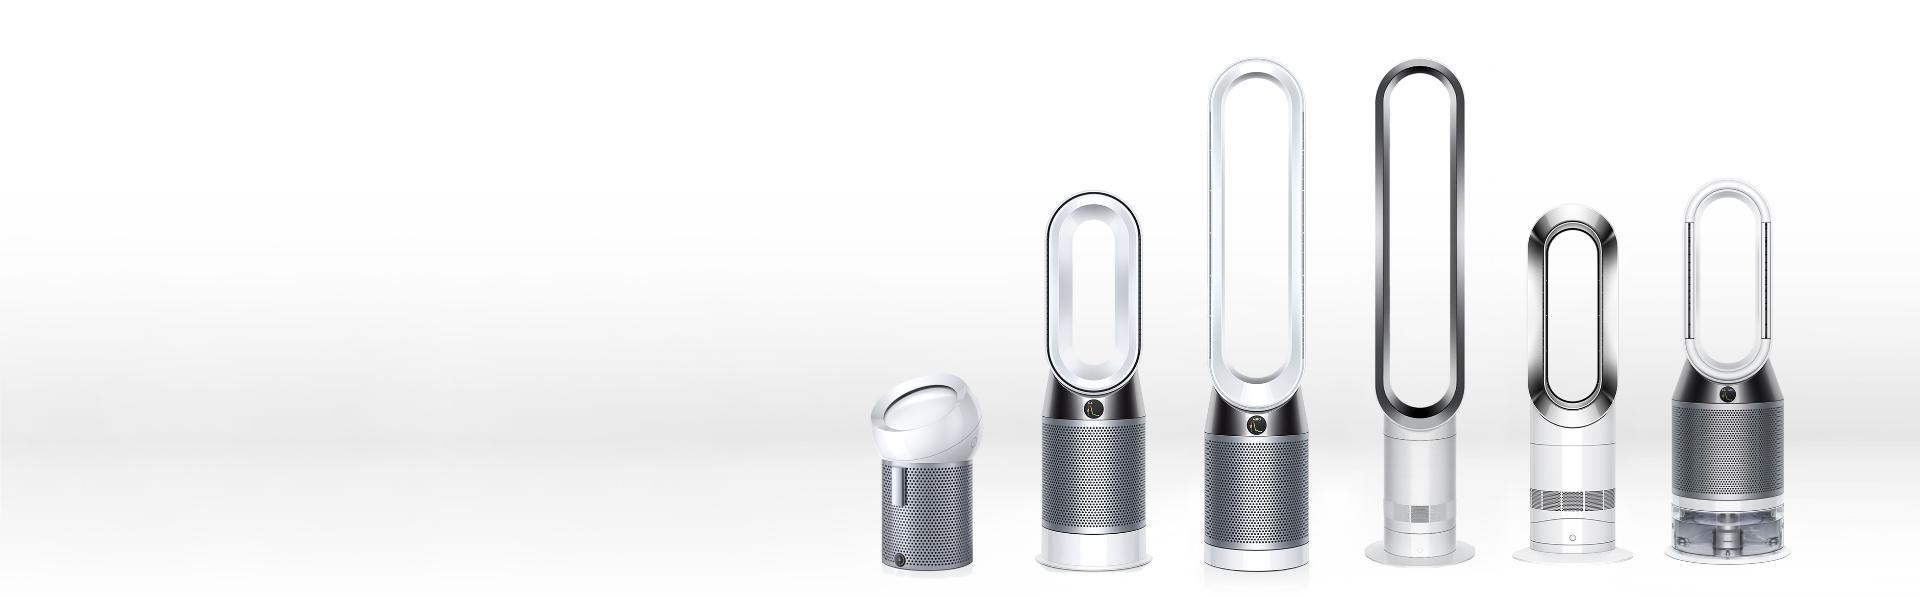 Dyson levegőkezelő készülékek